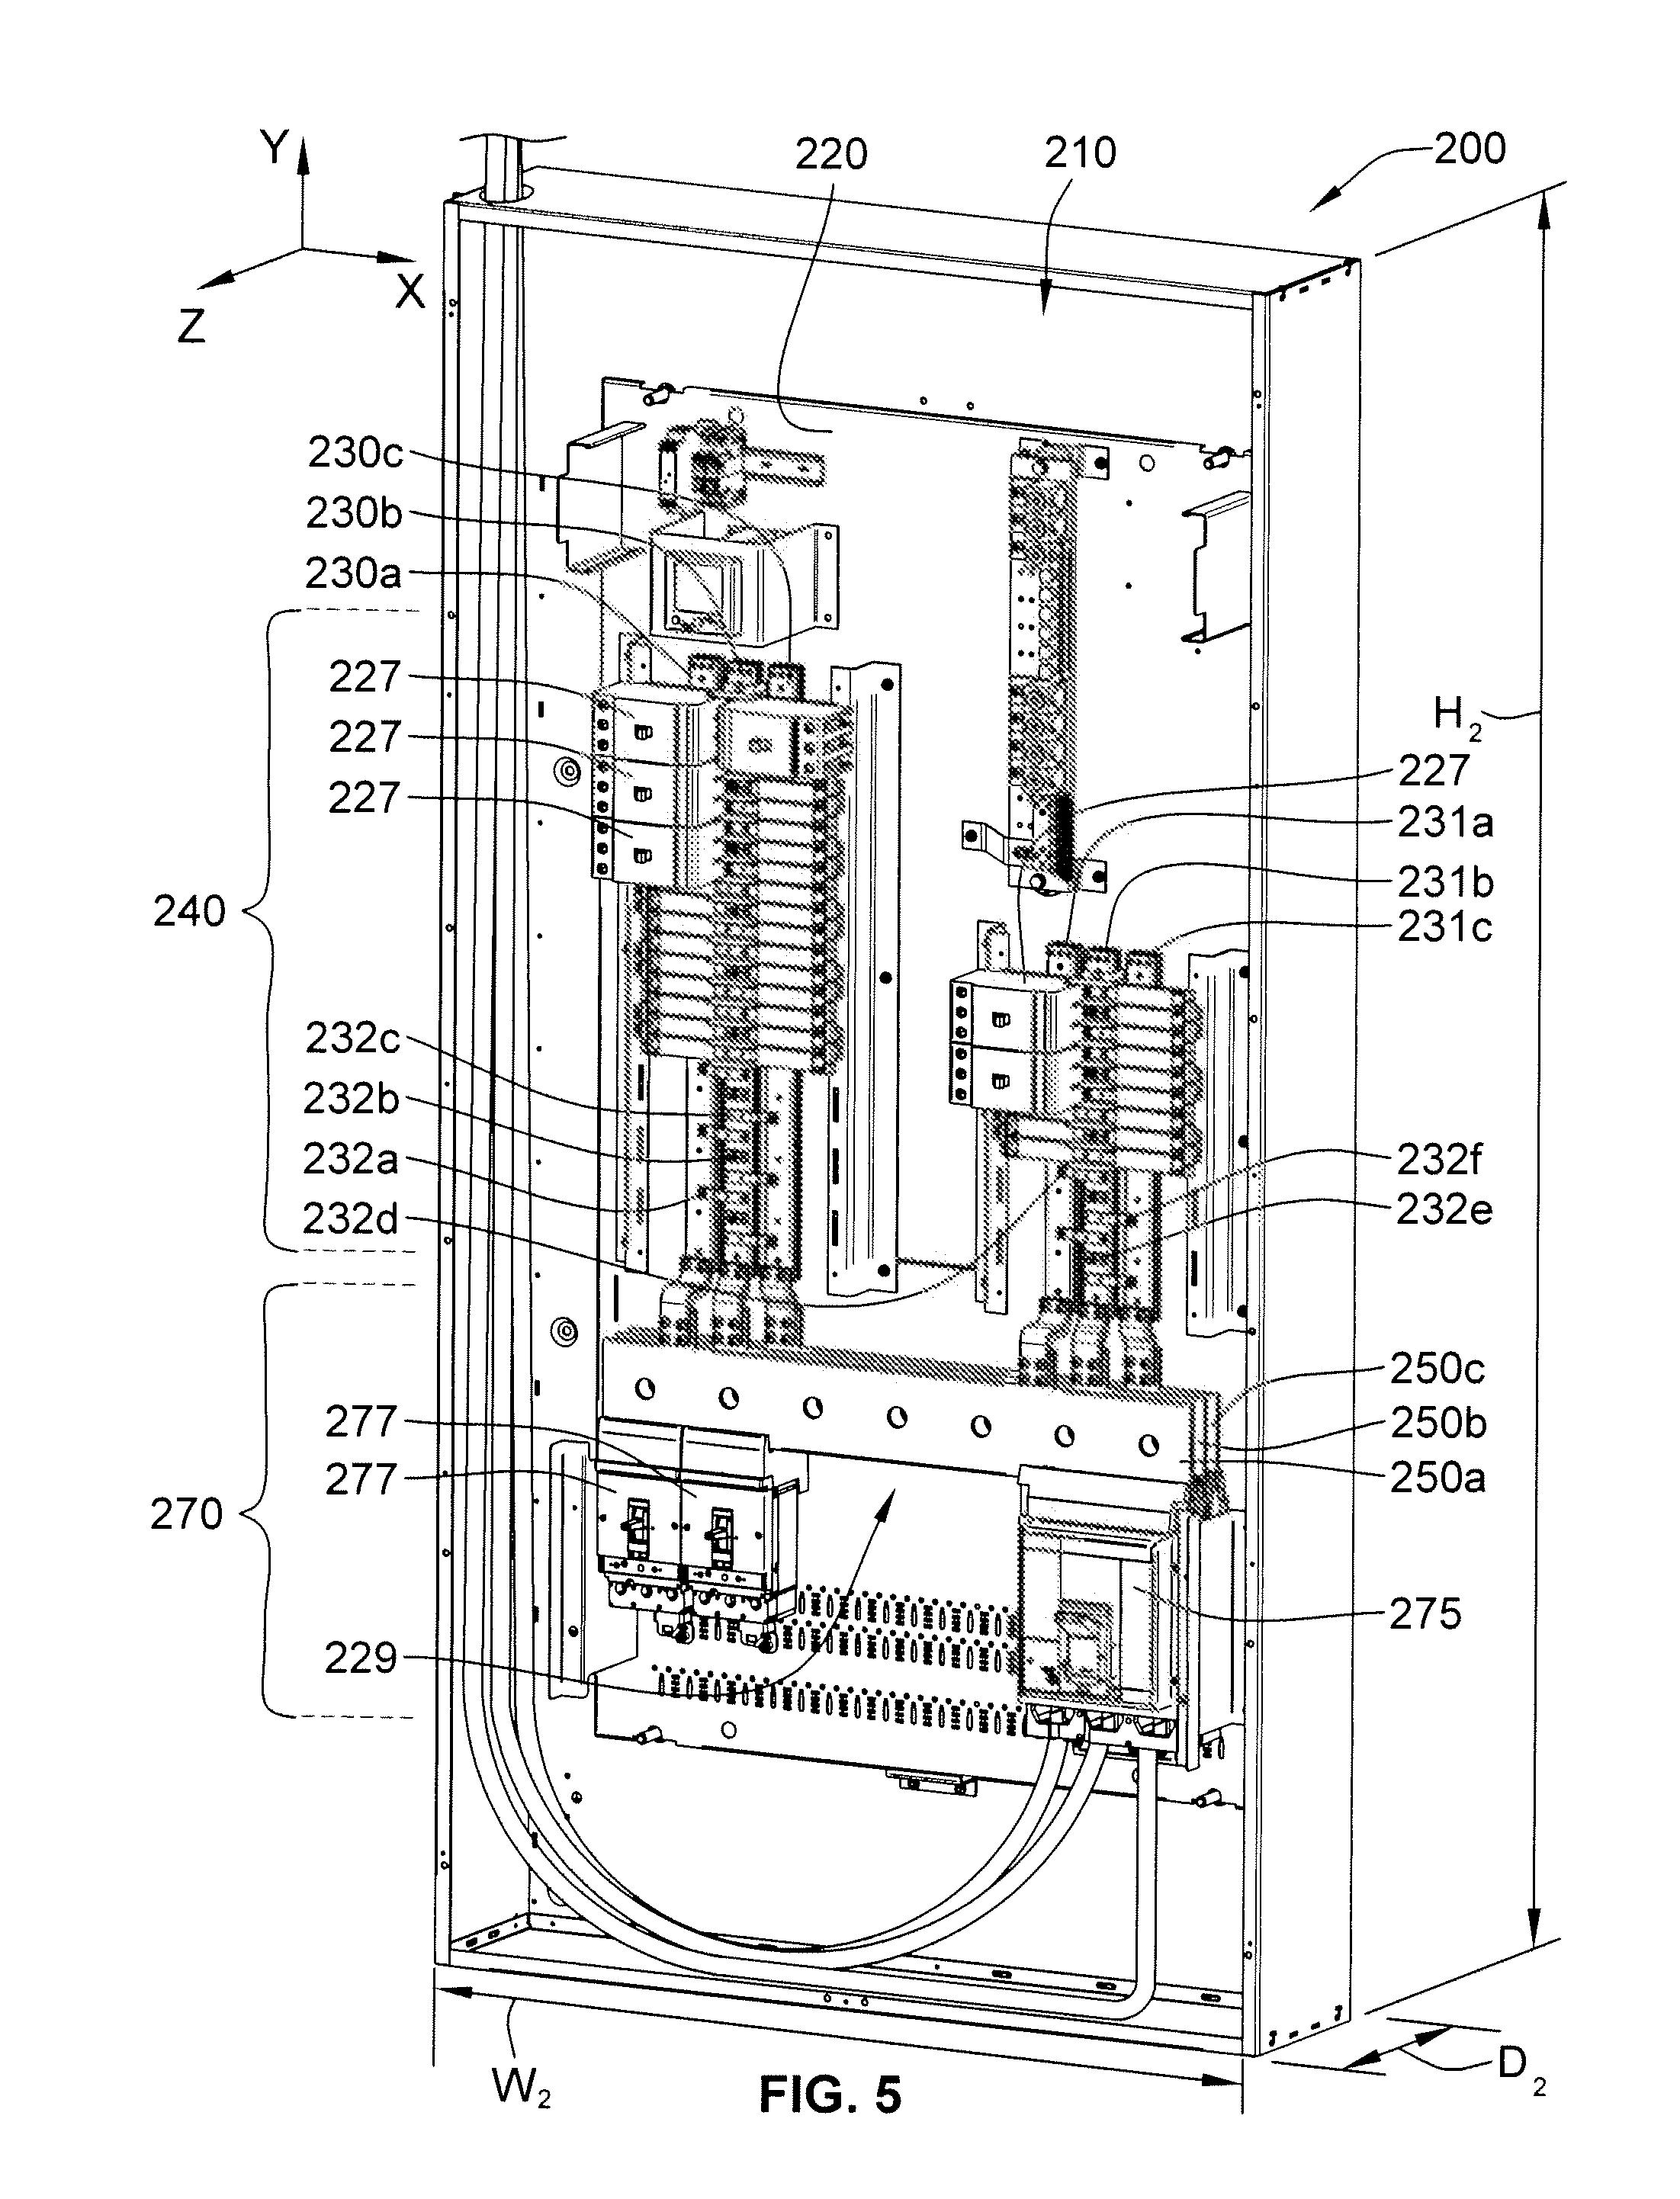 siemens lighting panelboards wiring diagrams   44 wiring